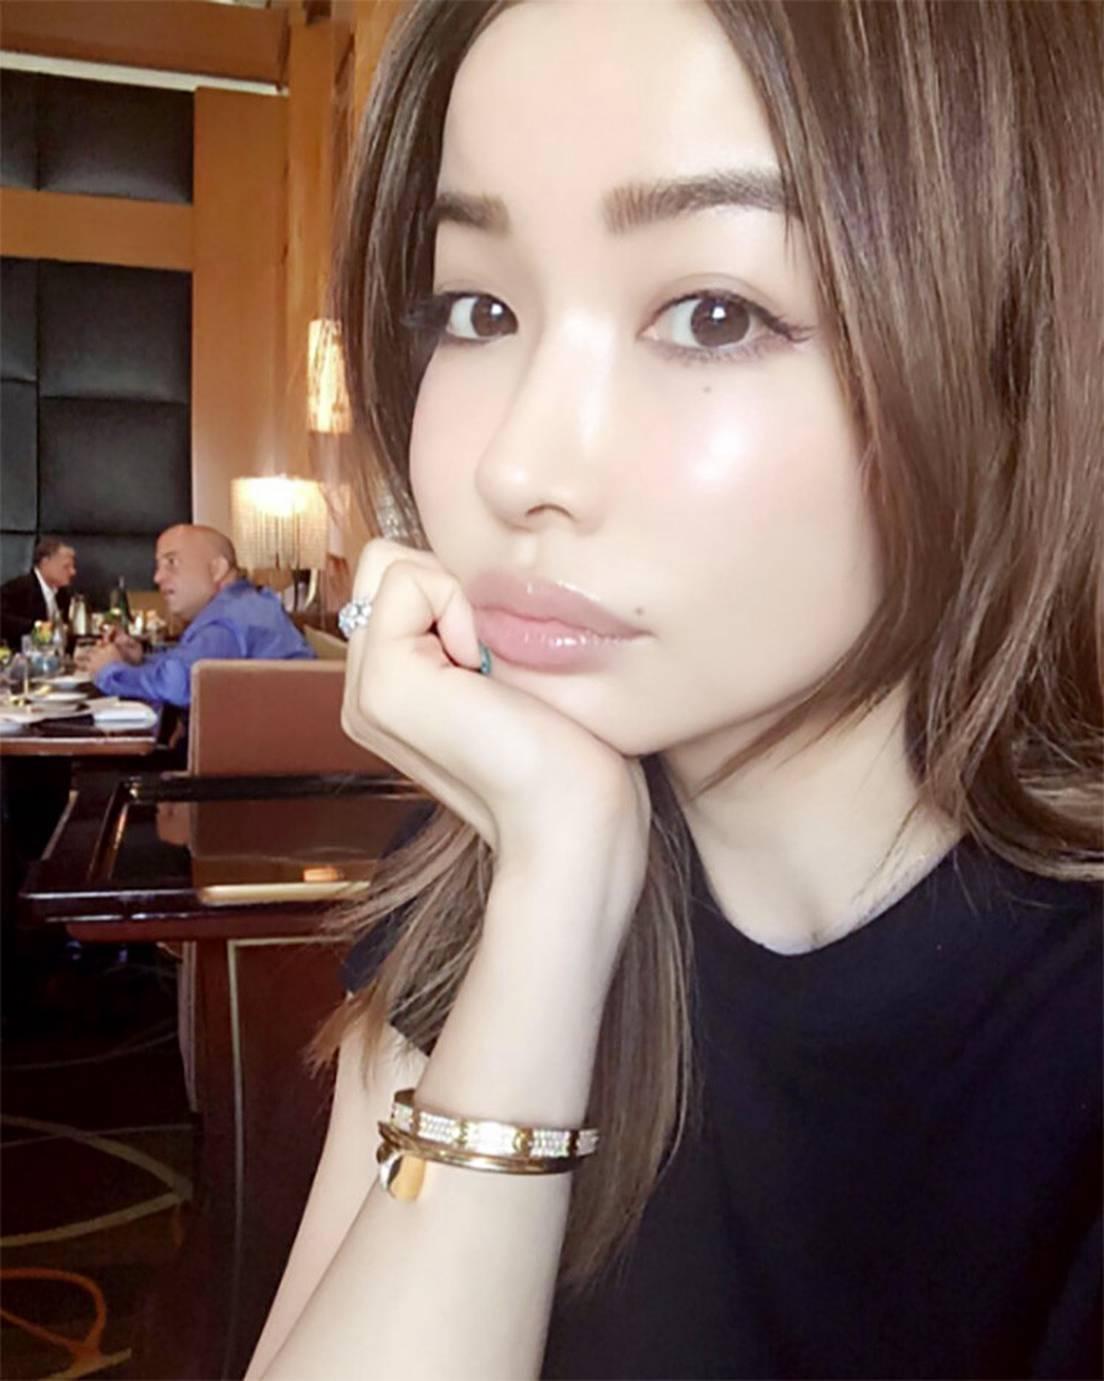 Eterna Juventud Una Modelo Japonesa De 45 Años Revoluciona Instagram Fotos Rt